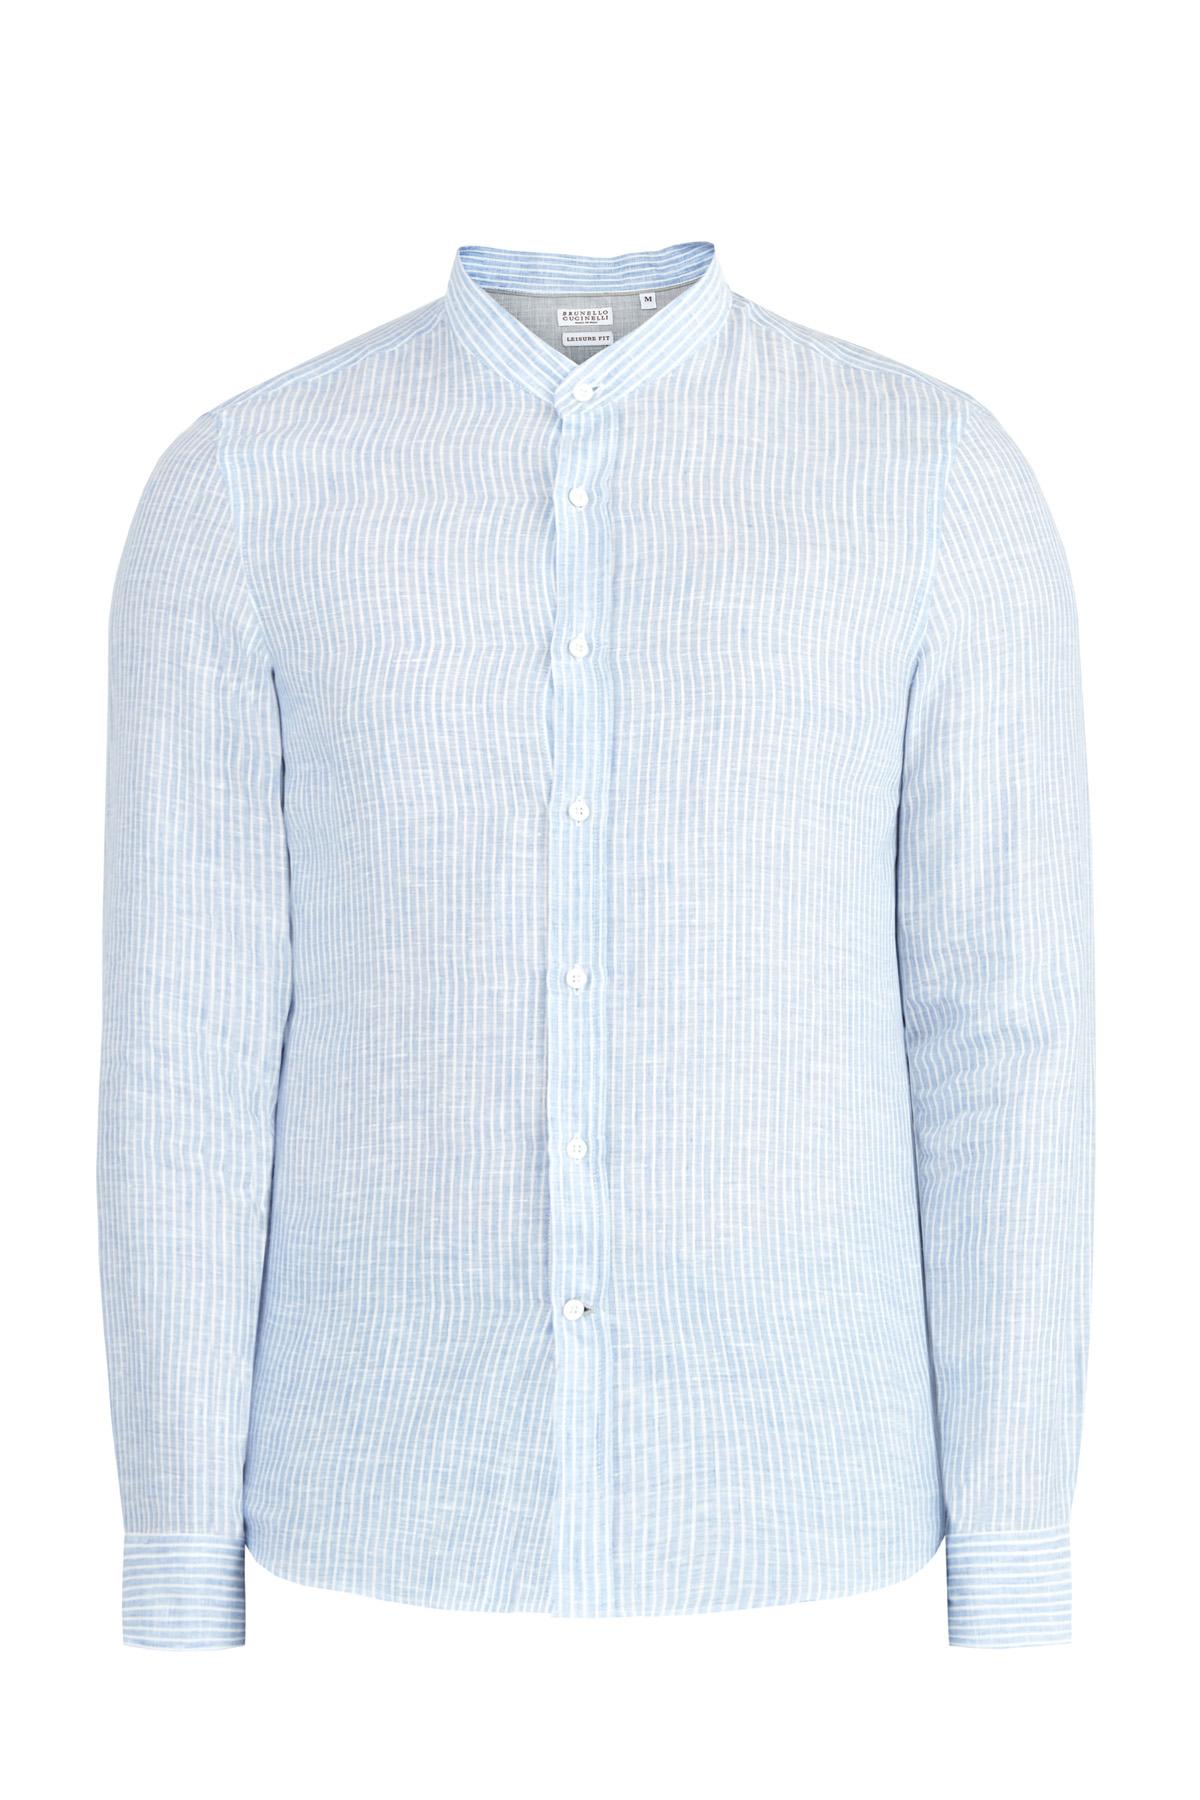 Свободная льняная рубашка с принтом в тонкую полоску